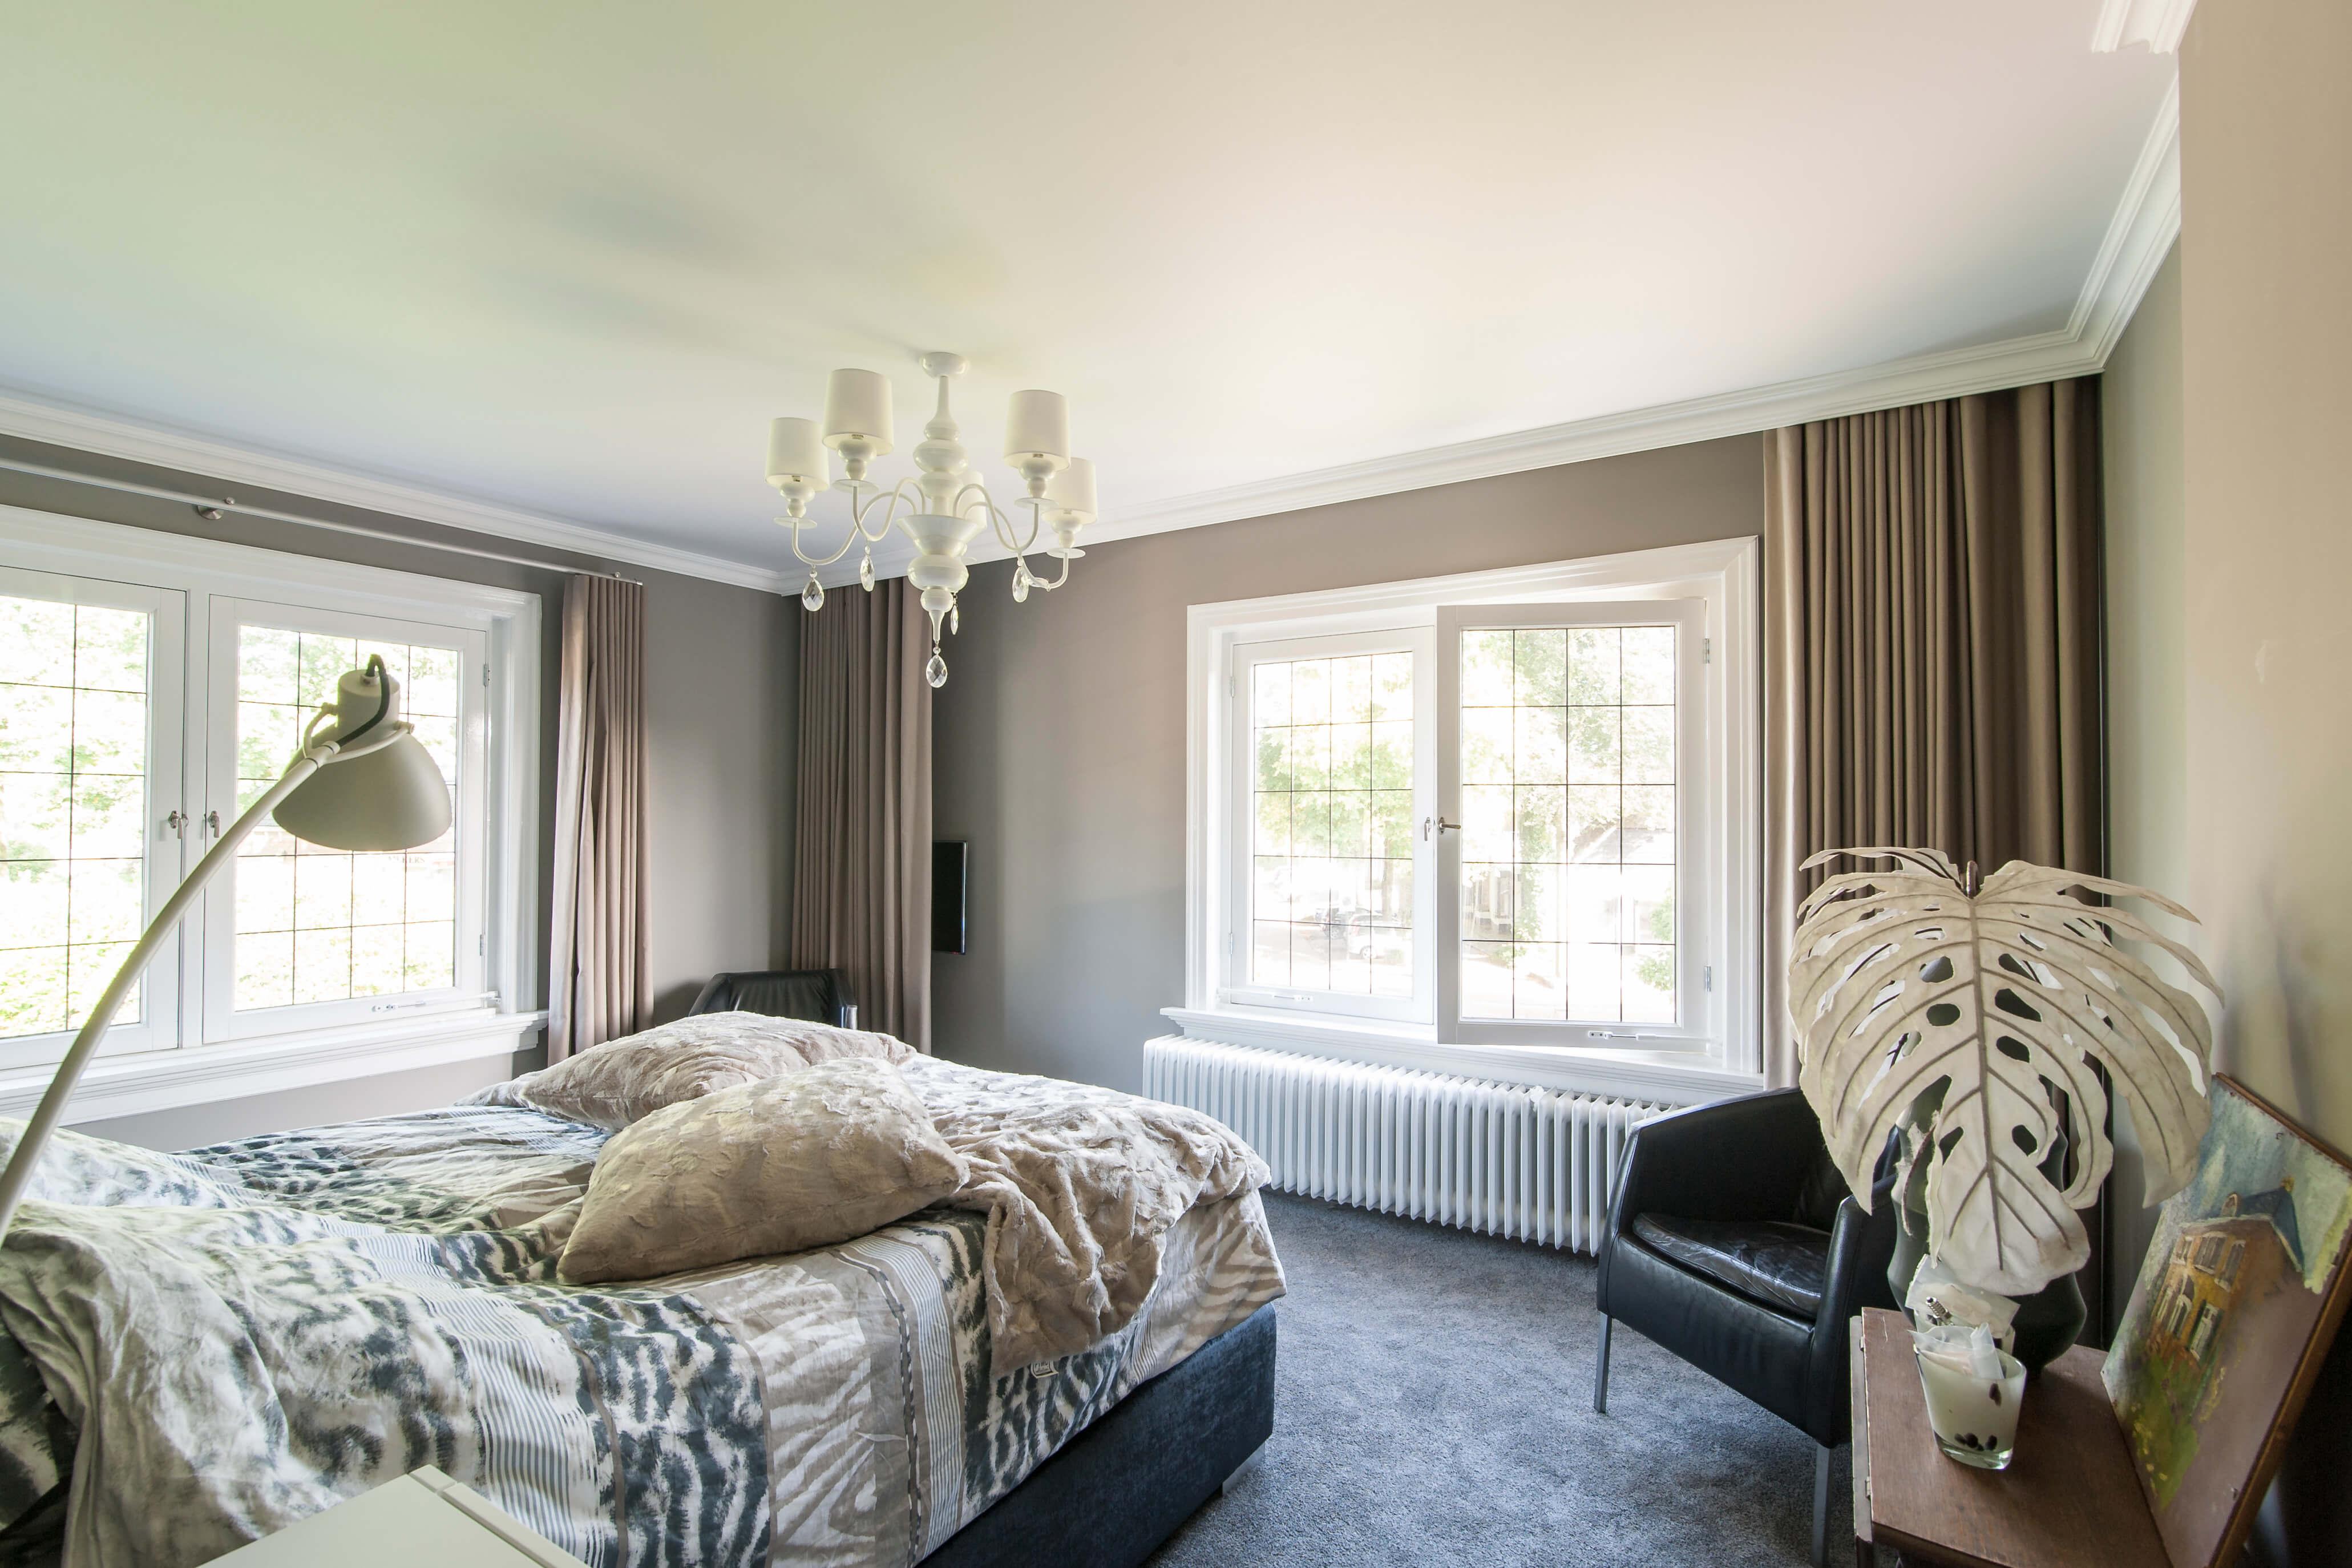 Slaapkamers - Dreamplafonds